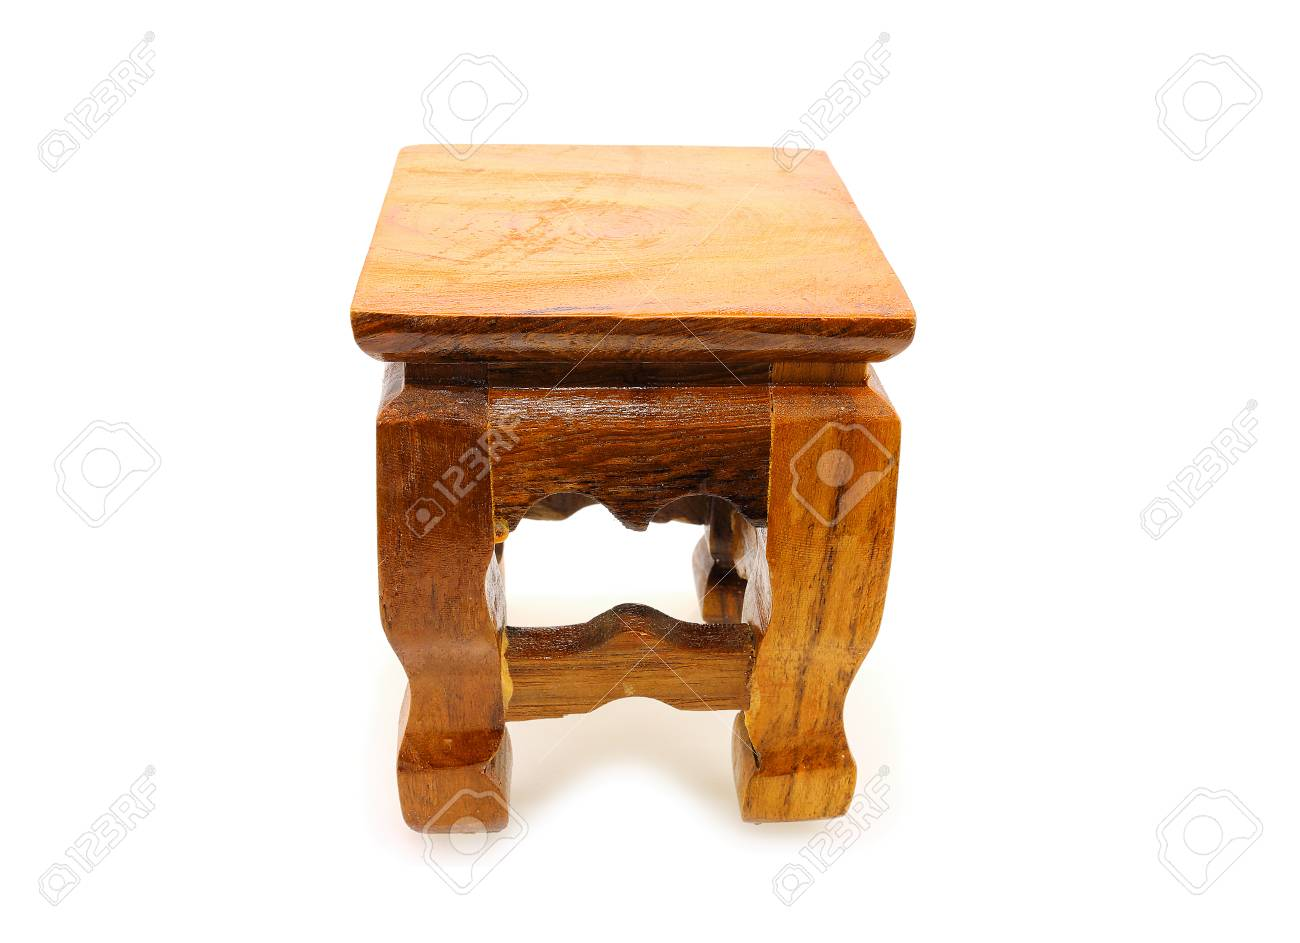 Immagini Stock - Piccolo Tavolo In Legno Antico Su Sfondo Bianco ...